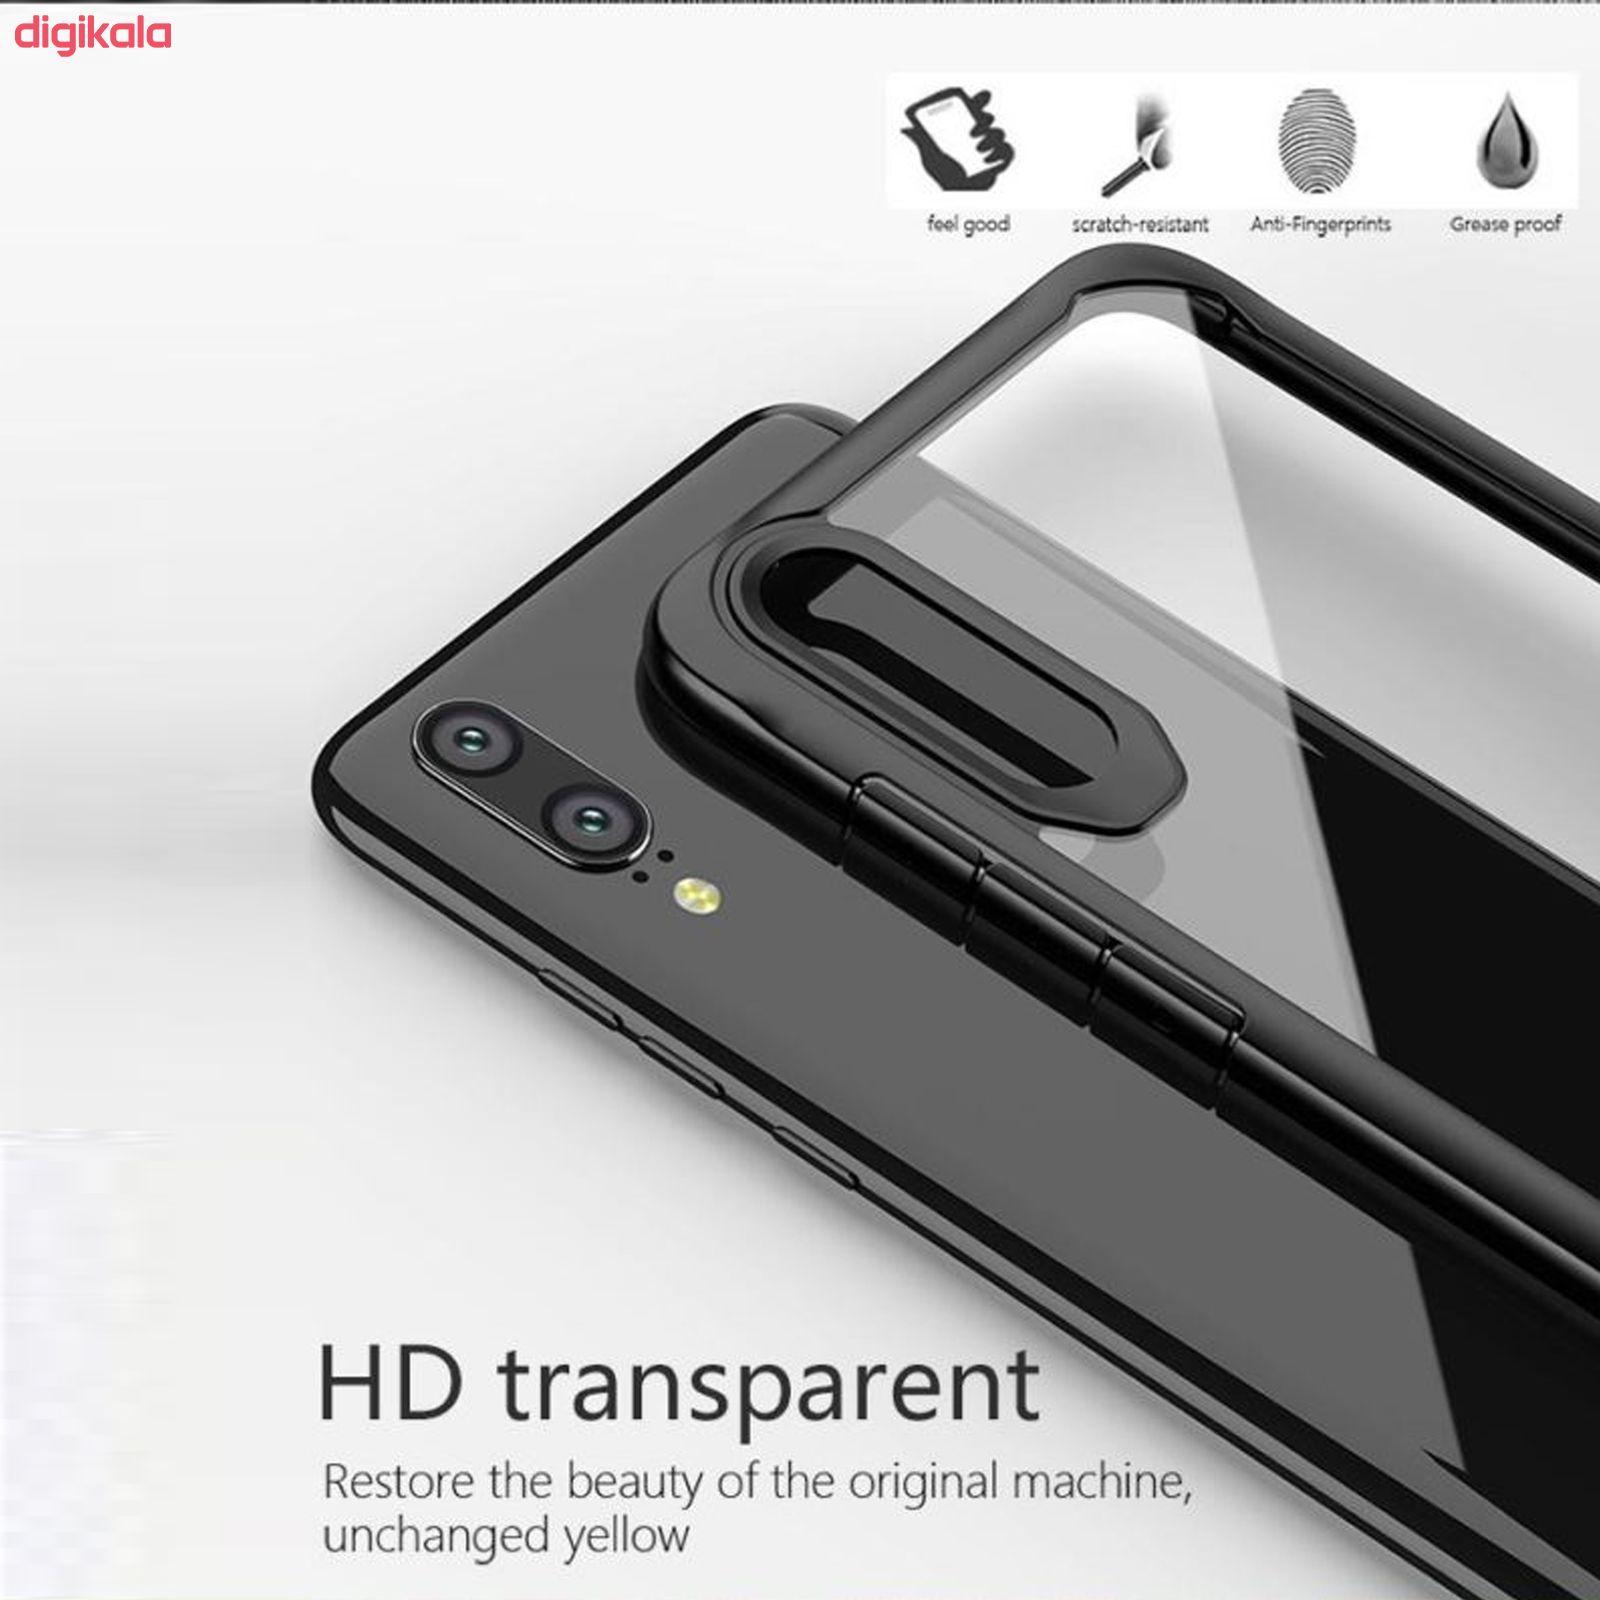 کاور لاین کینگ مدل i21 مناسب برای گوشی موبایل سامسونگ Galaxy A50/A50s/A30s